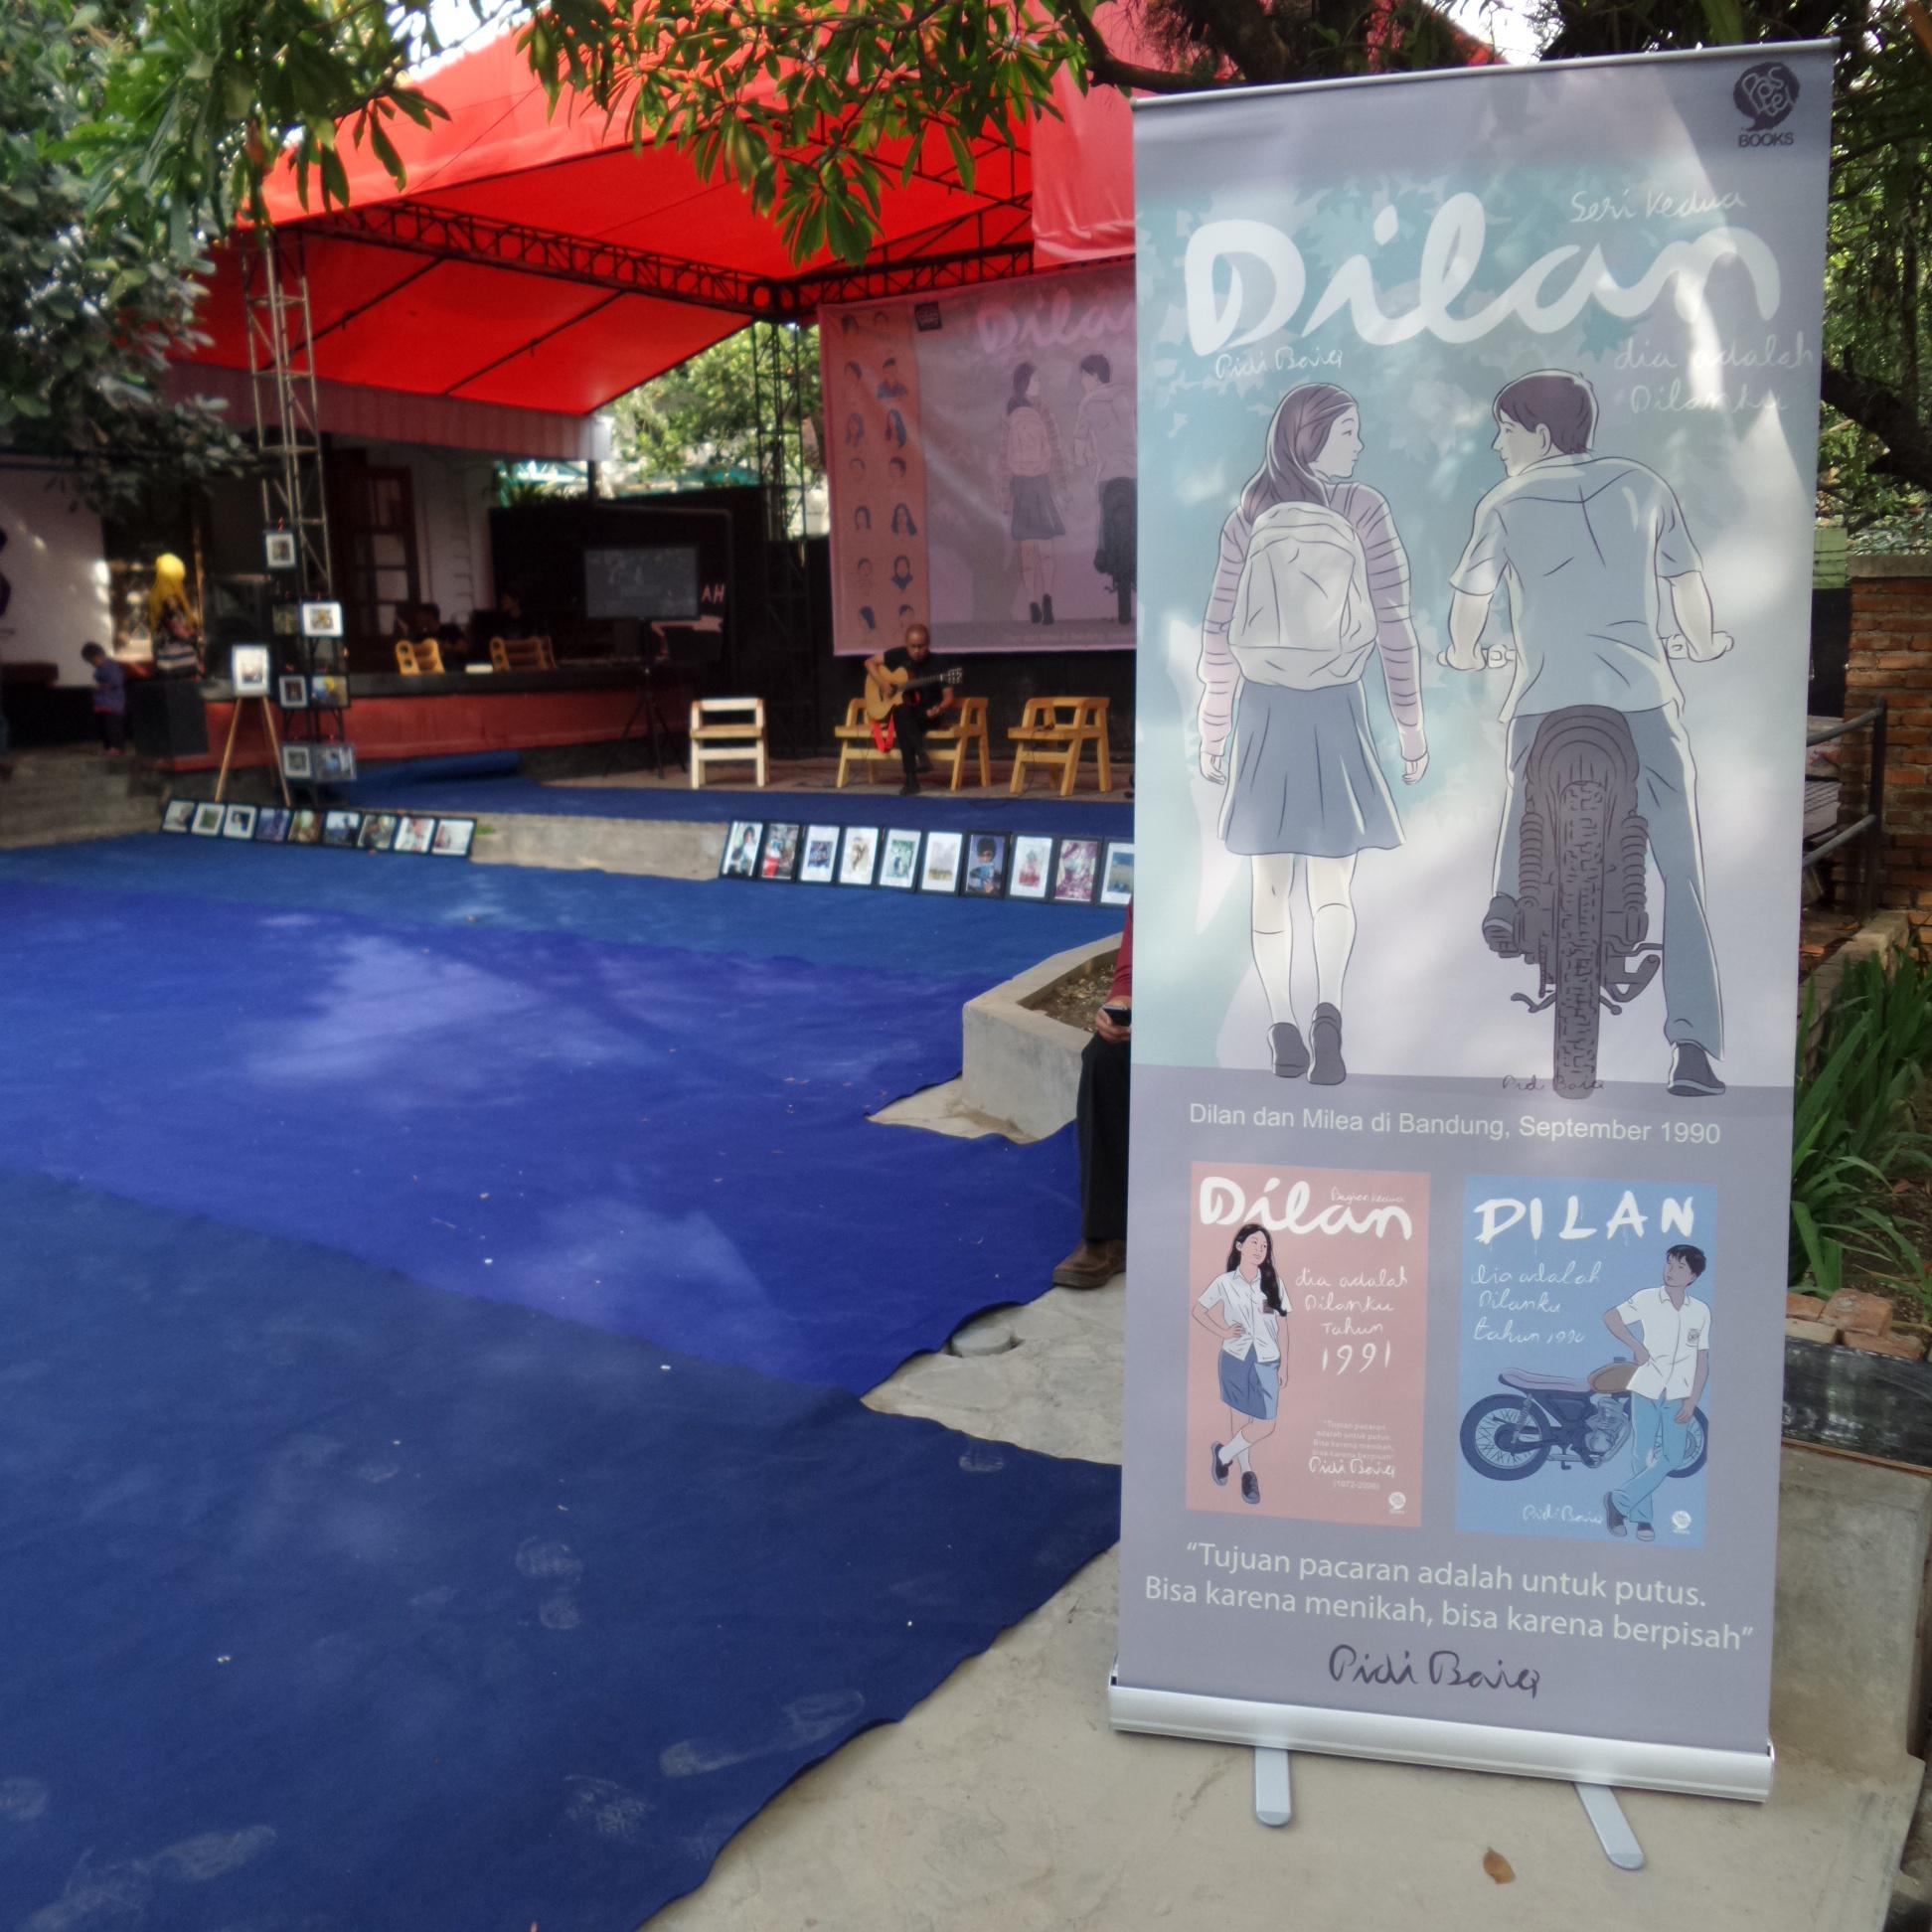 3 Hal Menarik Tentang Dilan di Acara Launching Dilan 2